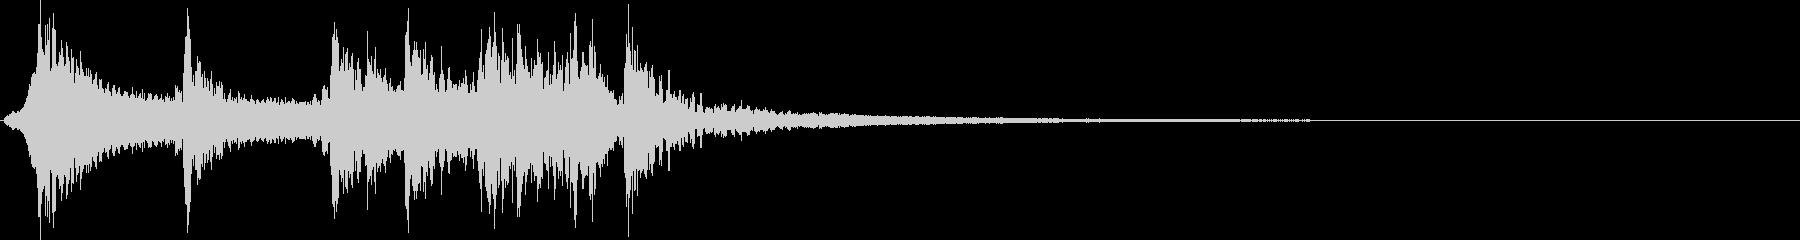 和楽器ジングル(尺八和太鼓)の未再生の波形